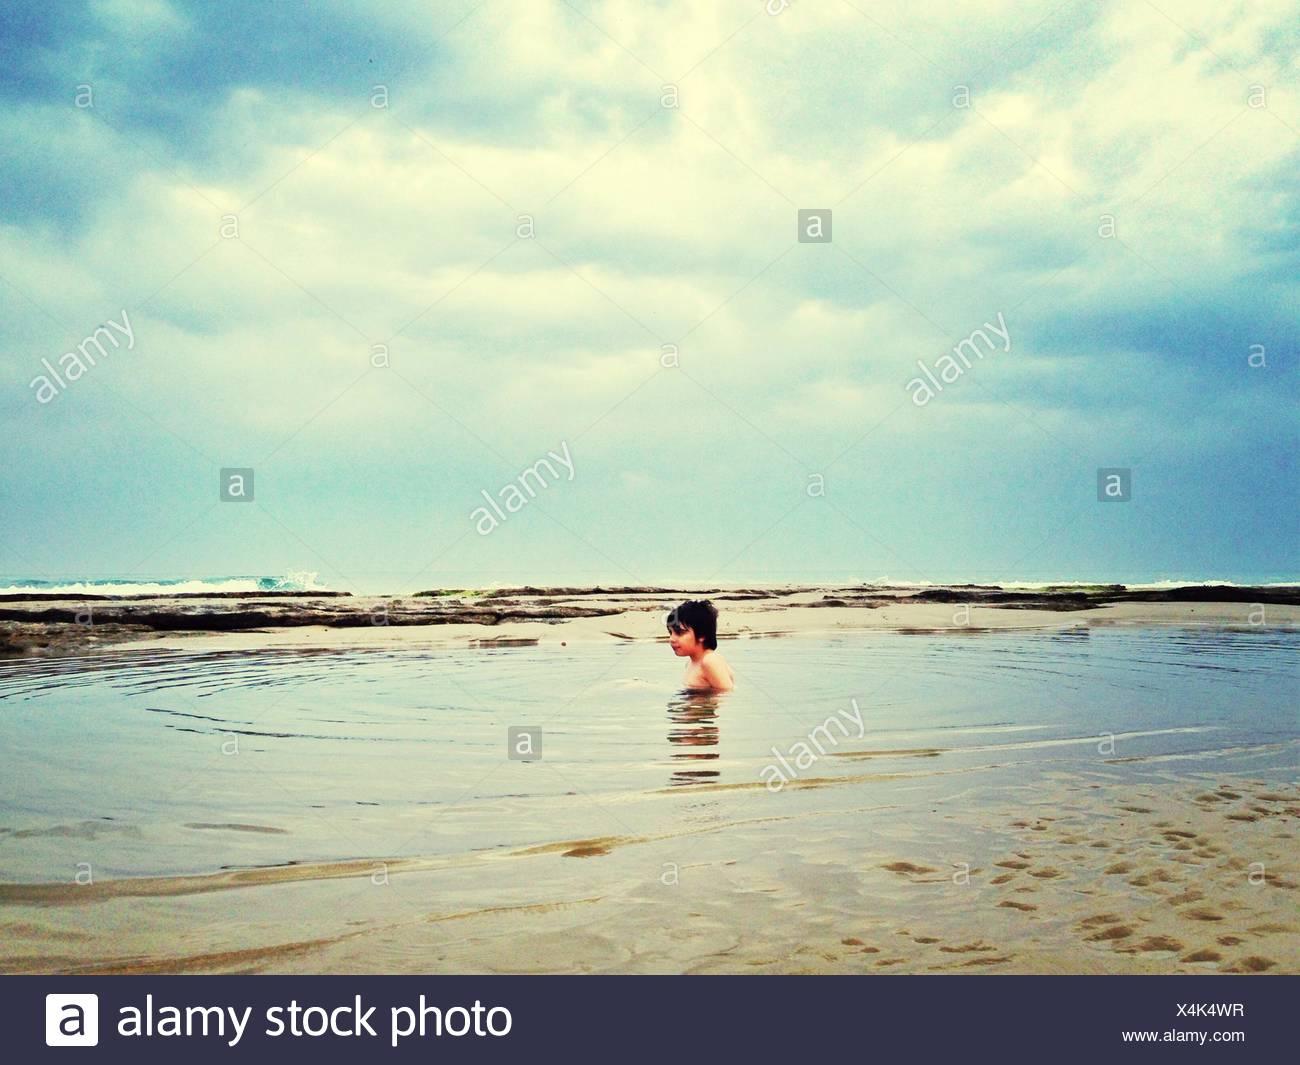 Descamisados Boy nadando en el mar Imagen De Stock